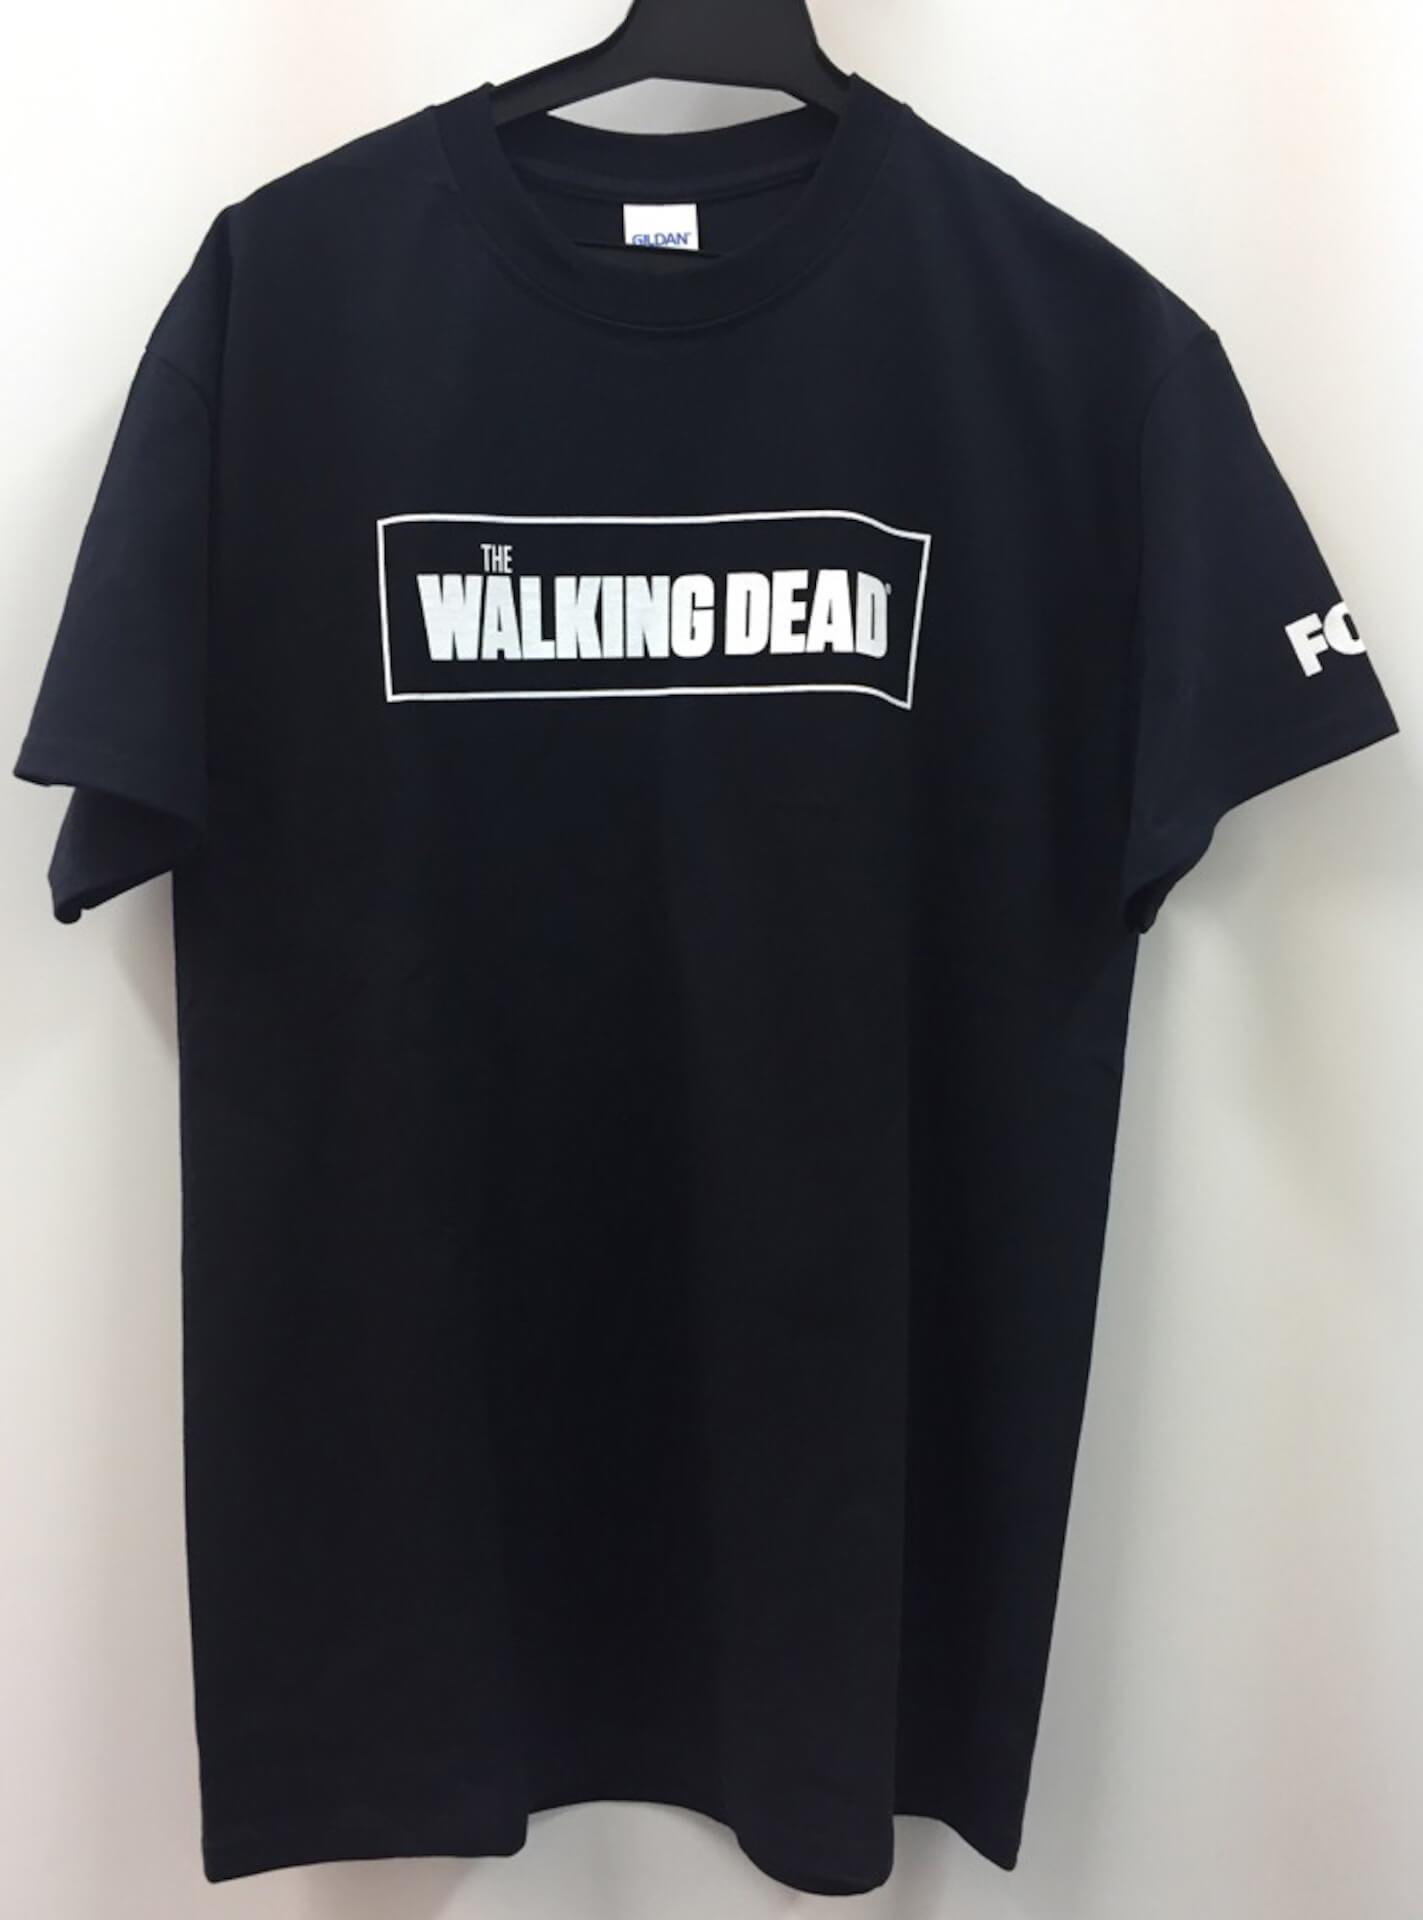 『ウォーキング・デッド』シーズン10のHulu配信スタート記念オリジナルTシャツを3名様にプレゼント! art191025_walkingdead_present_3